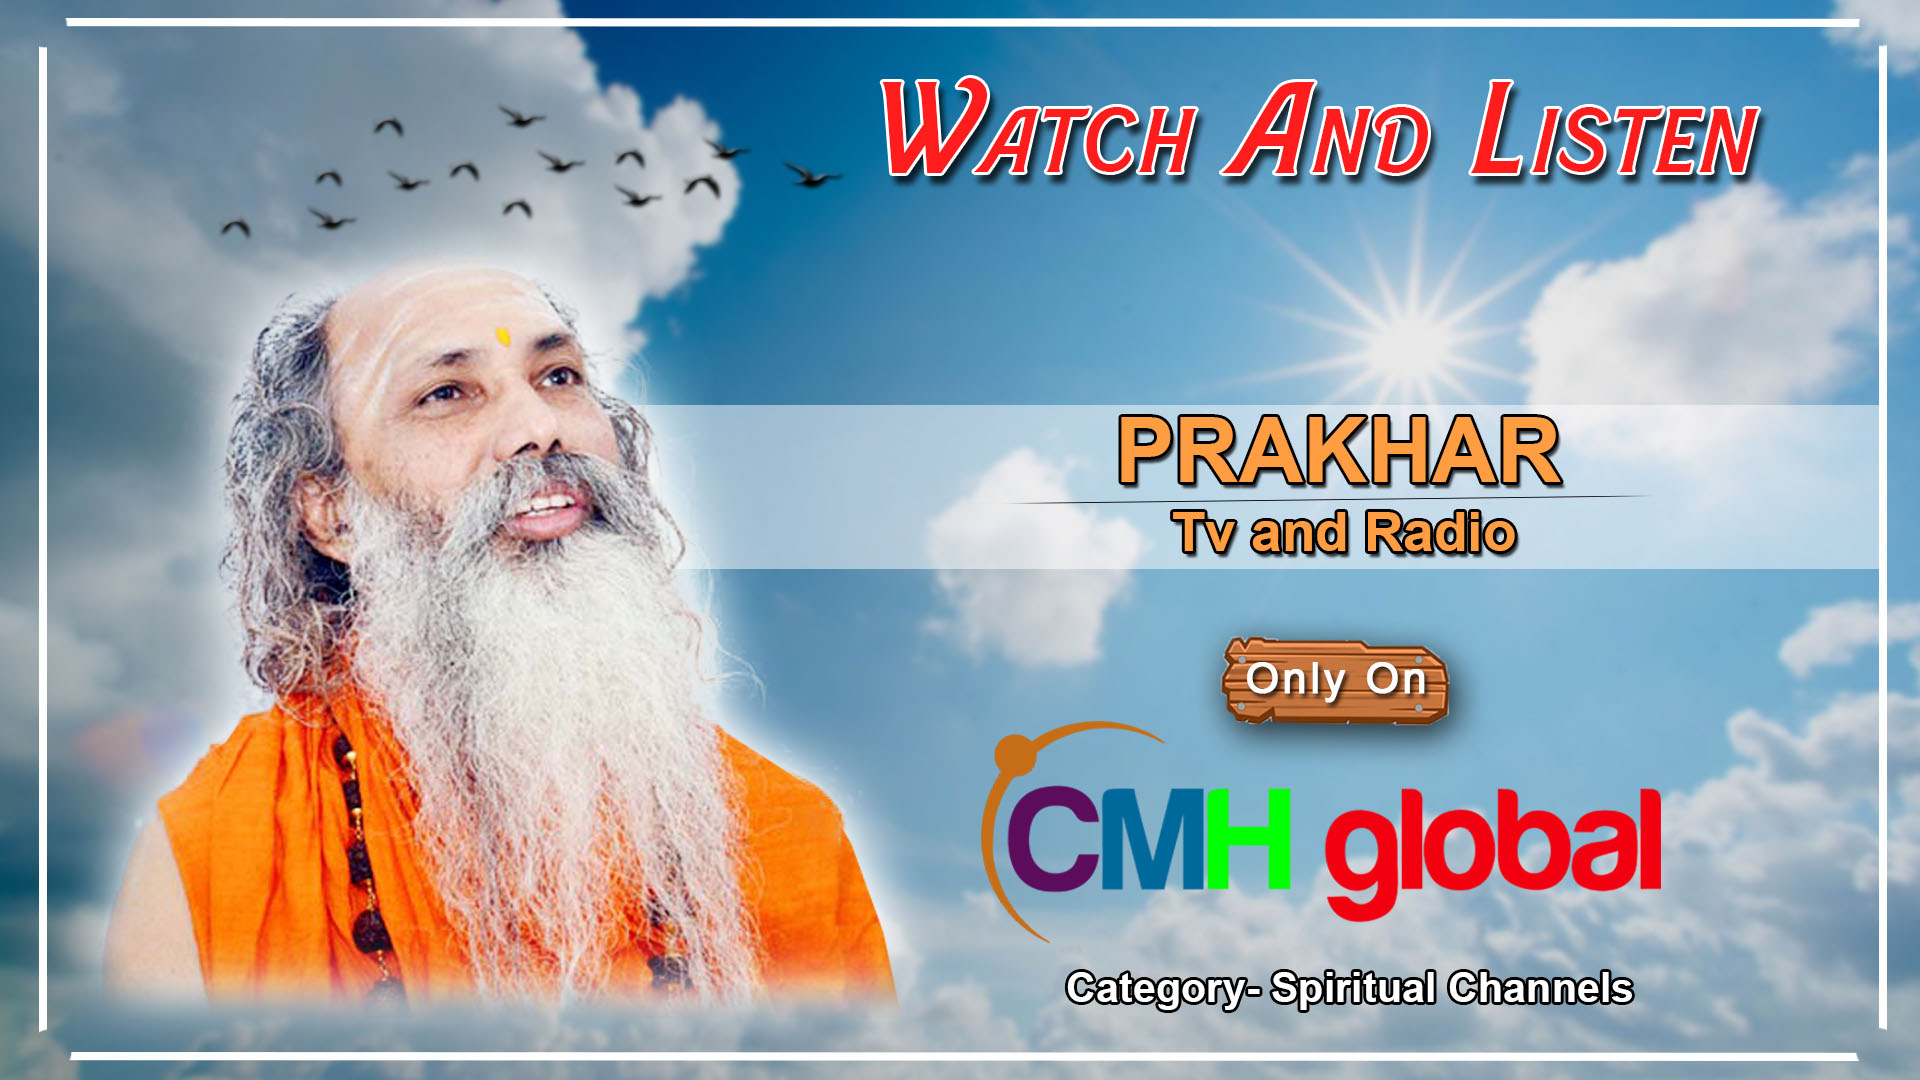 Documentary on Kumbh Mela 2019 Prayagraj.